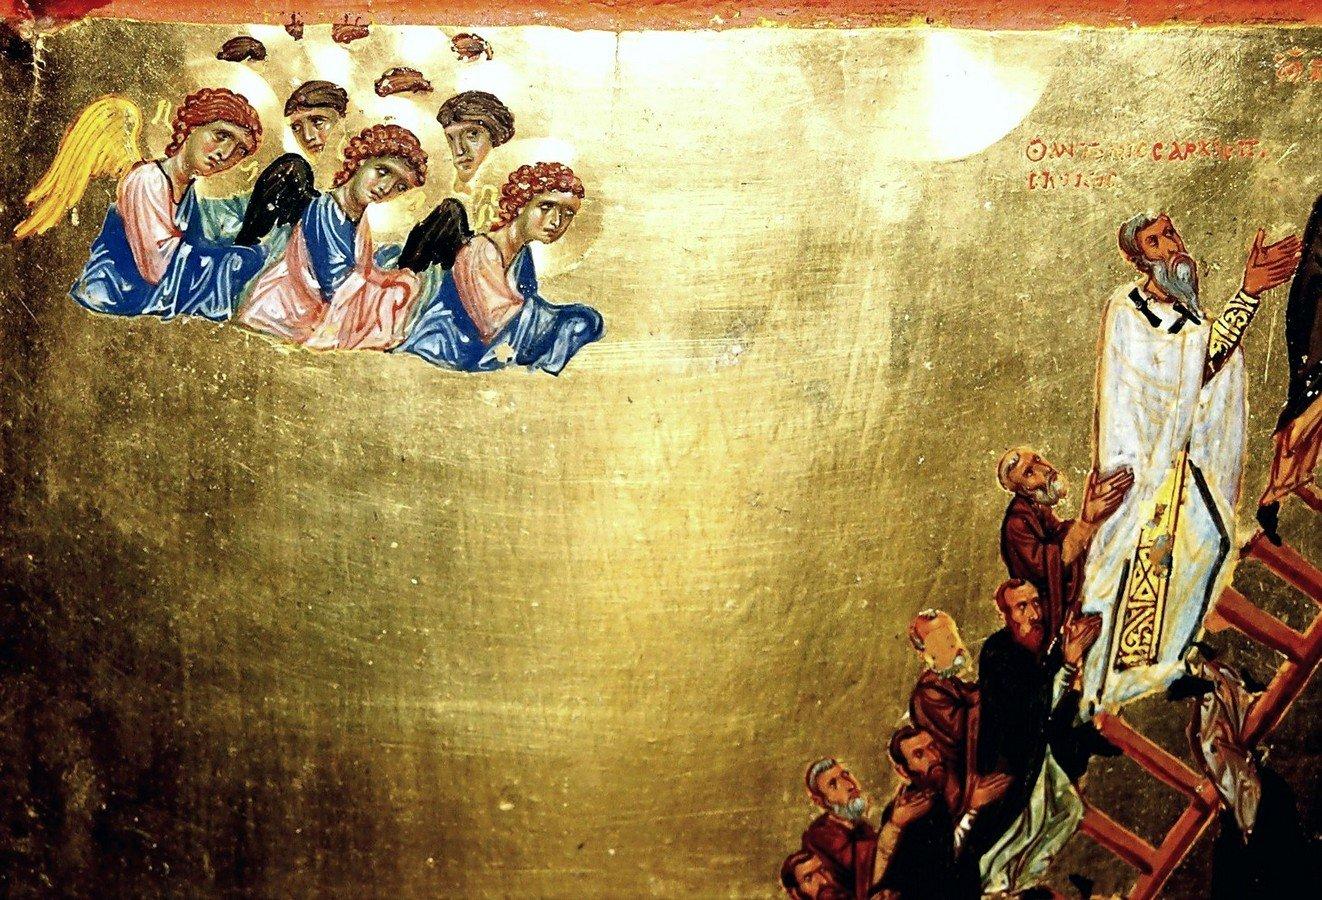 Лествица Святого Преподобного Иоанна Лествичника. Византийская икона второй половины XII века. Монастырь Святой Екатерины на Синае. Фрагмент.